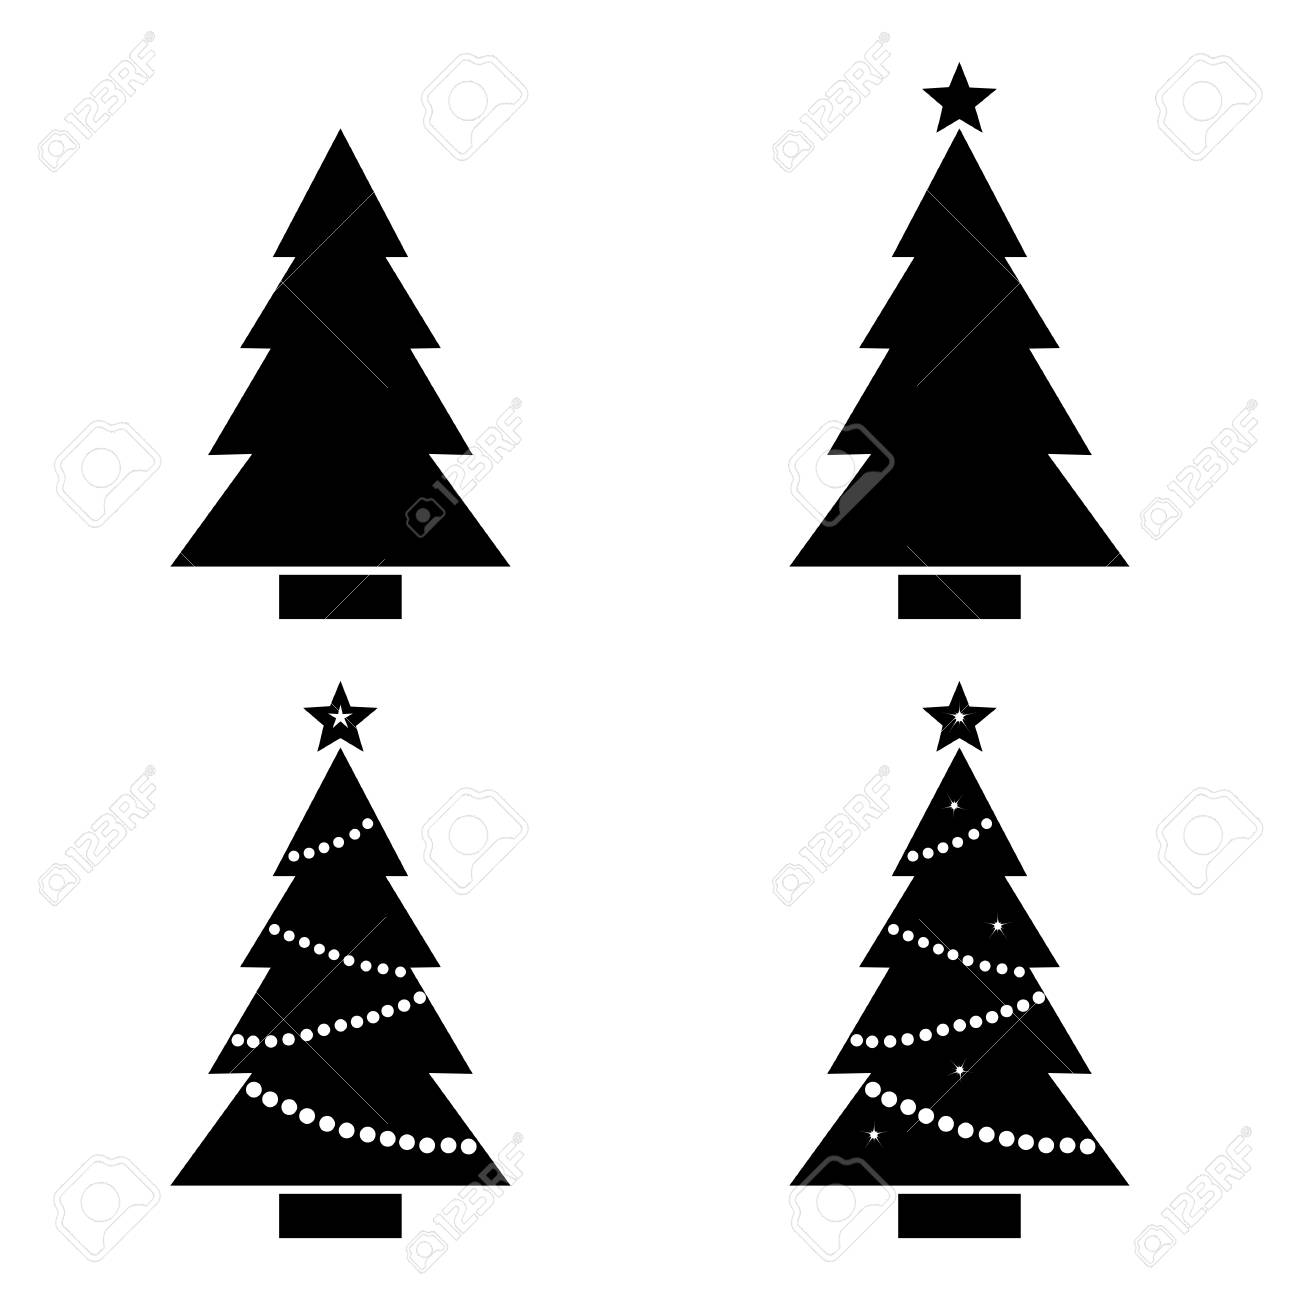 Définir Lillustration Vectorielle De Sapin De Noël Silhouette Noir Et Blanc